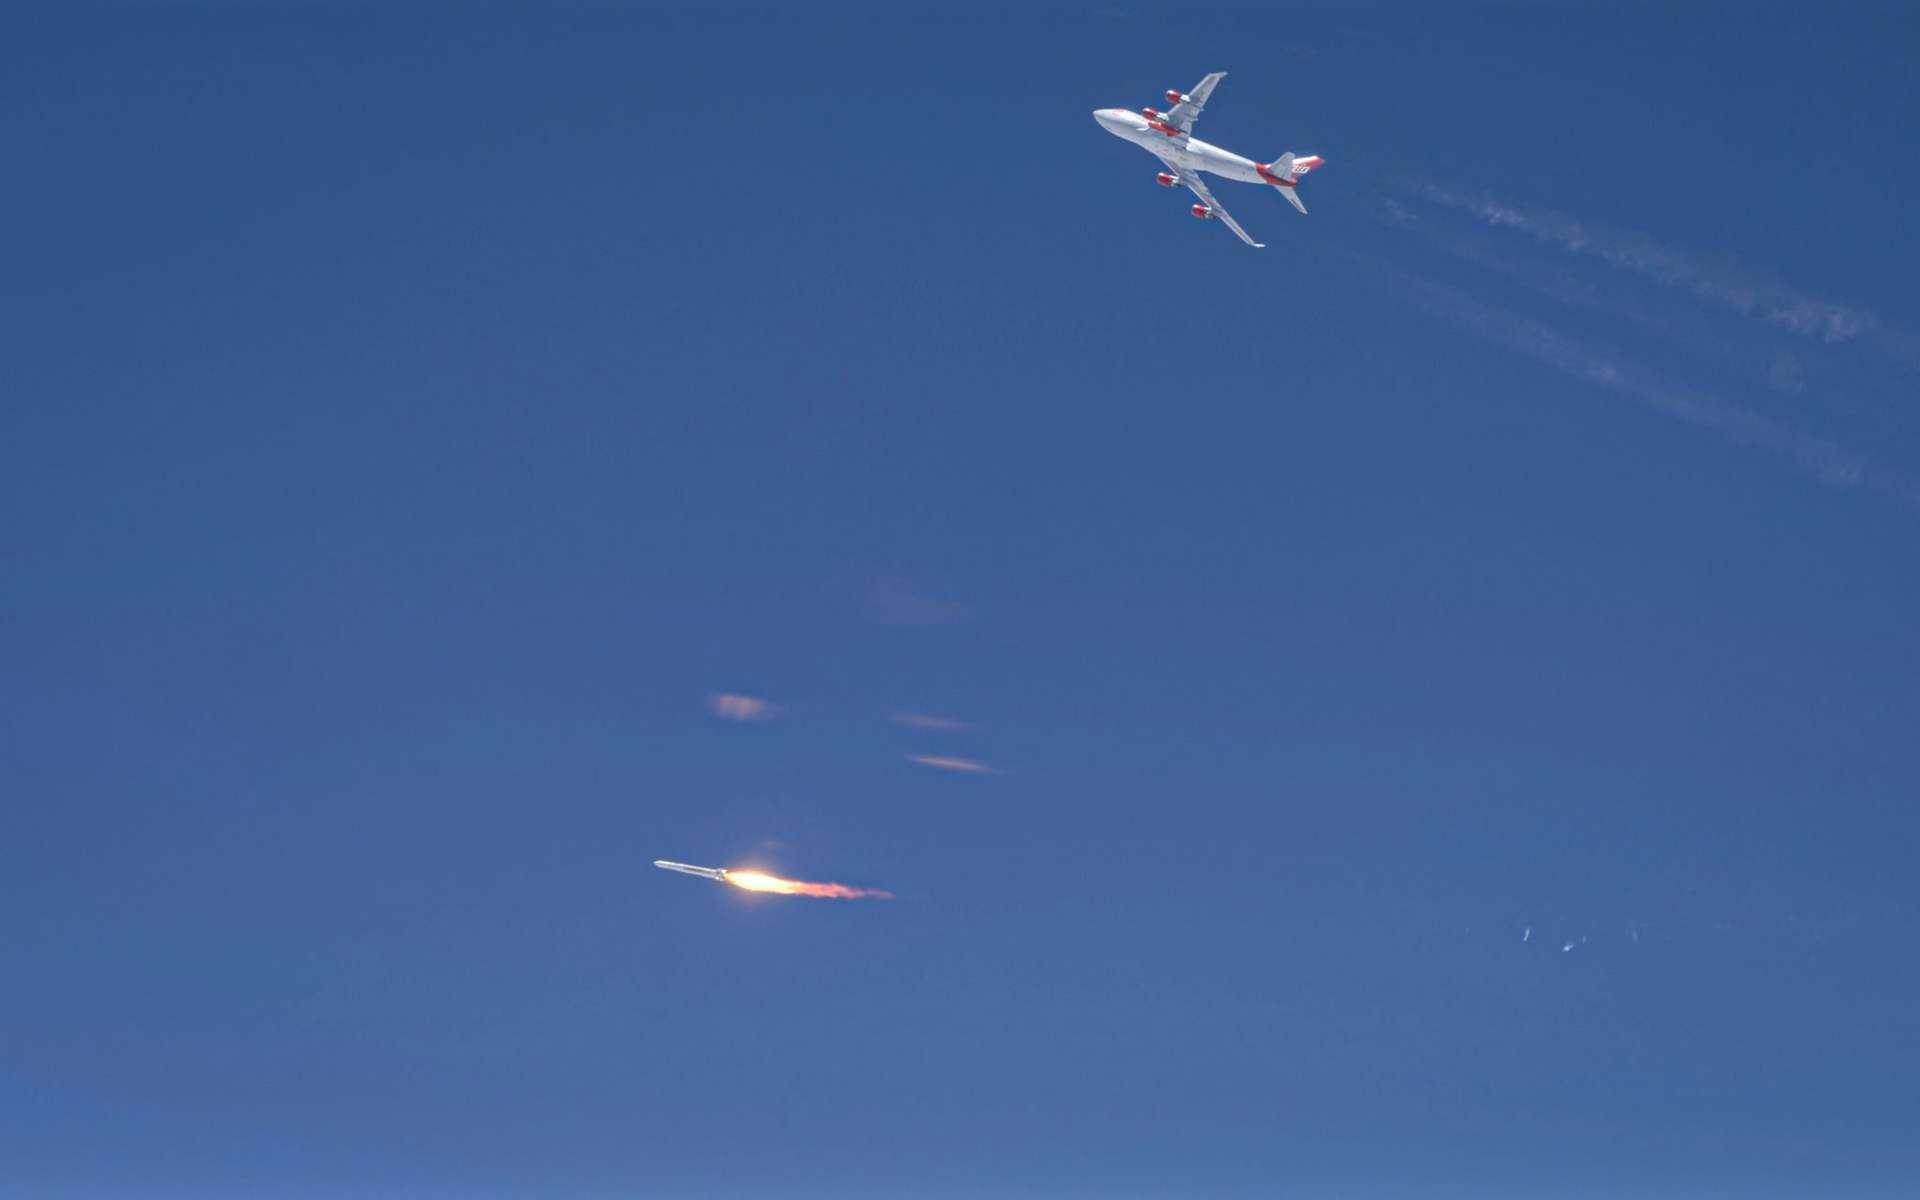 Malgré la séparation réussie du lanceur avec son avion porteur, le premier lancement aéroporté de Virgin Orbit est un échec. Le lanceur a vraisemblablement dysfonctionné seulement quelques minutes après cette séparation, voire au moment de l'allumage de son moteur. © Virgin Orbit